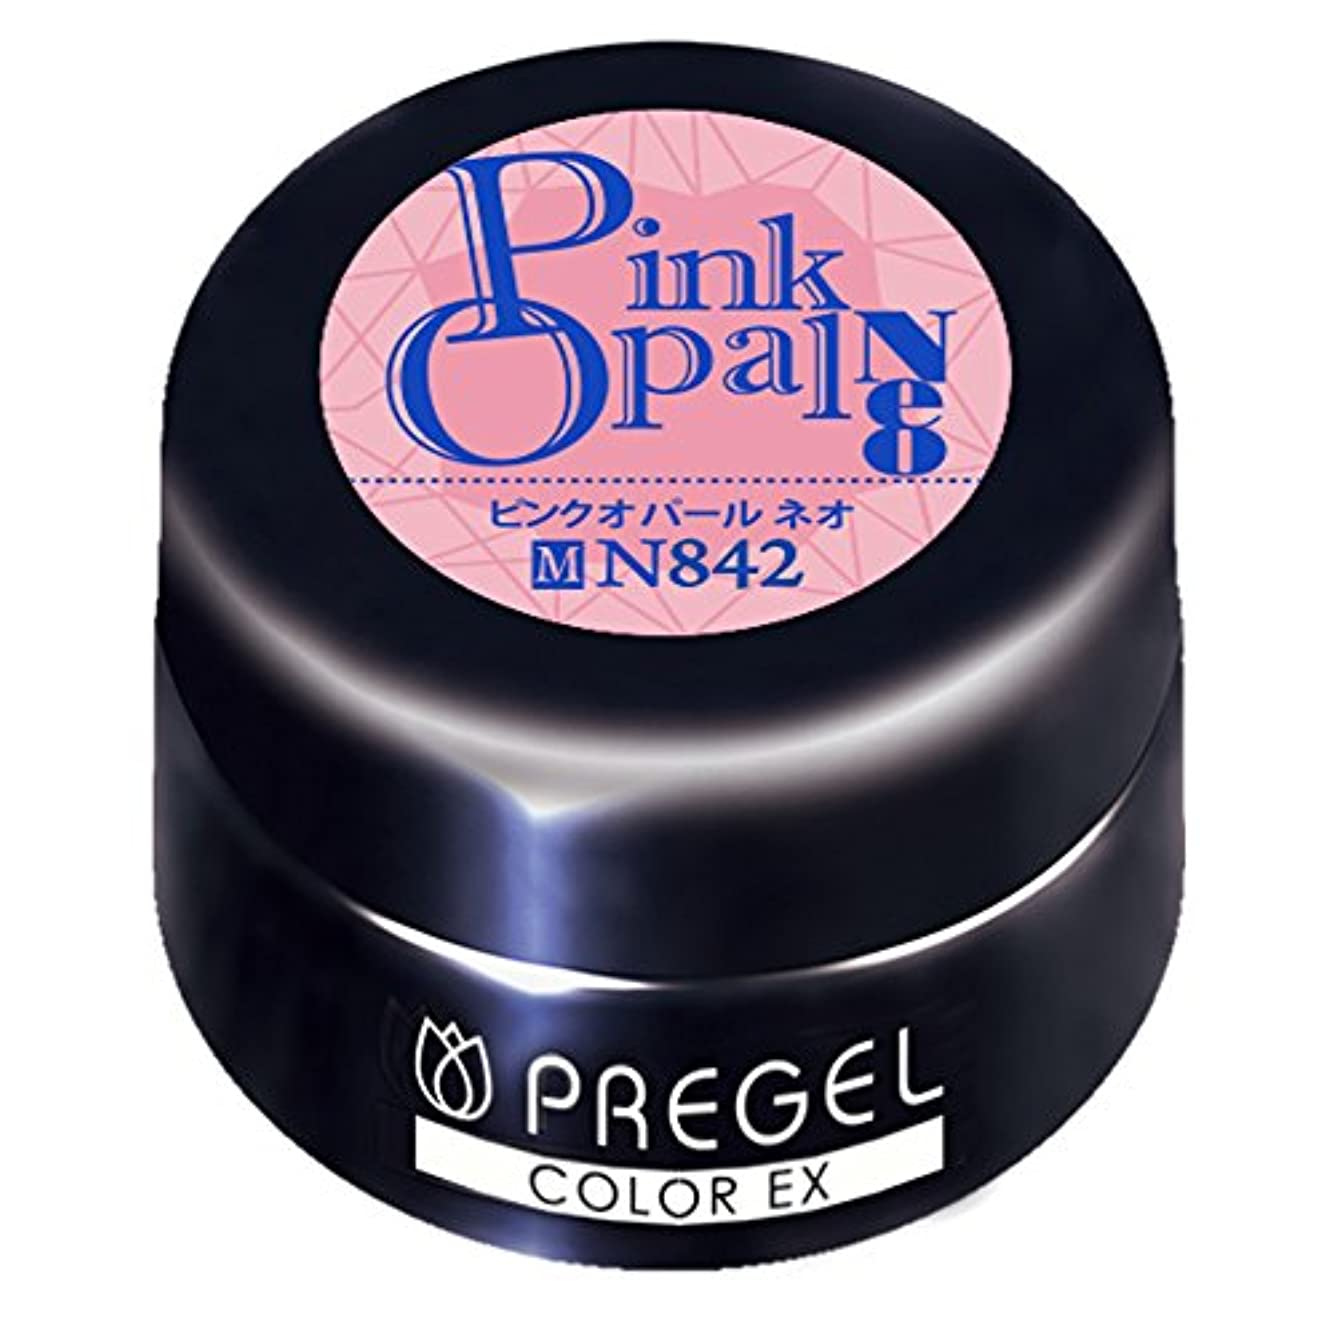 経由でリズム急性PRE GEL カラーEX ピンクオパールneo842 3g UV/LED対応